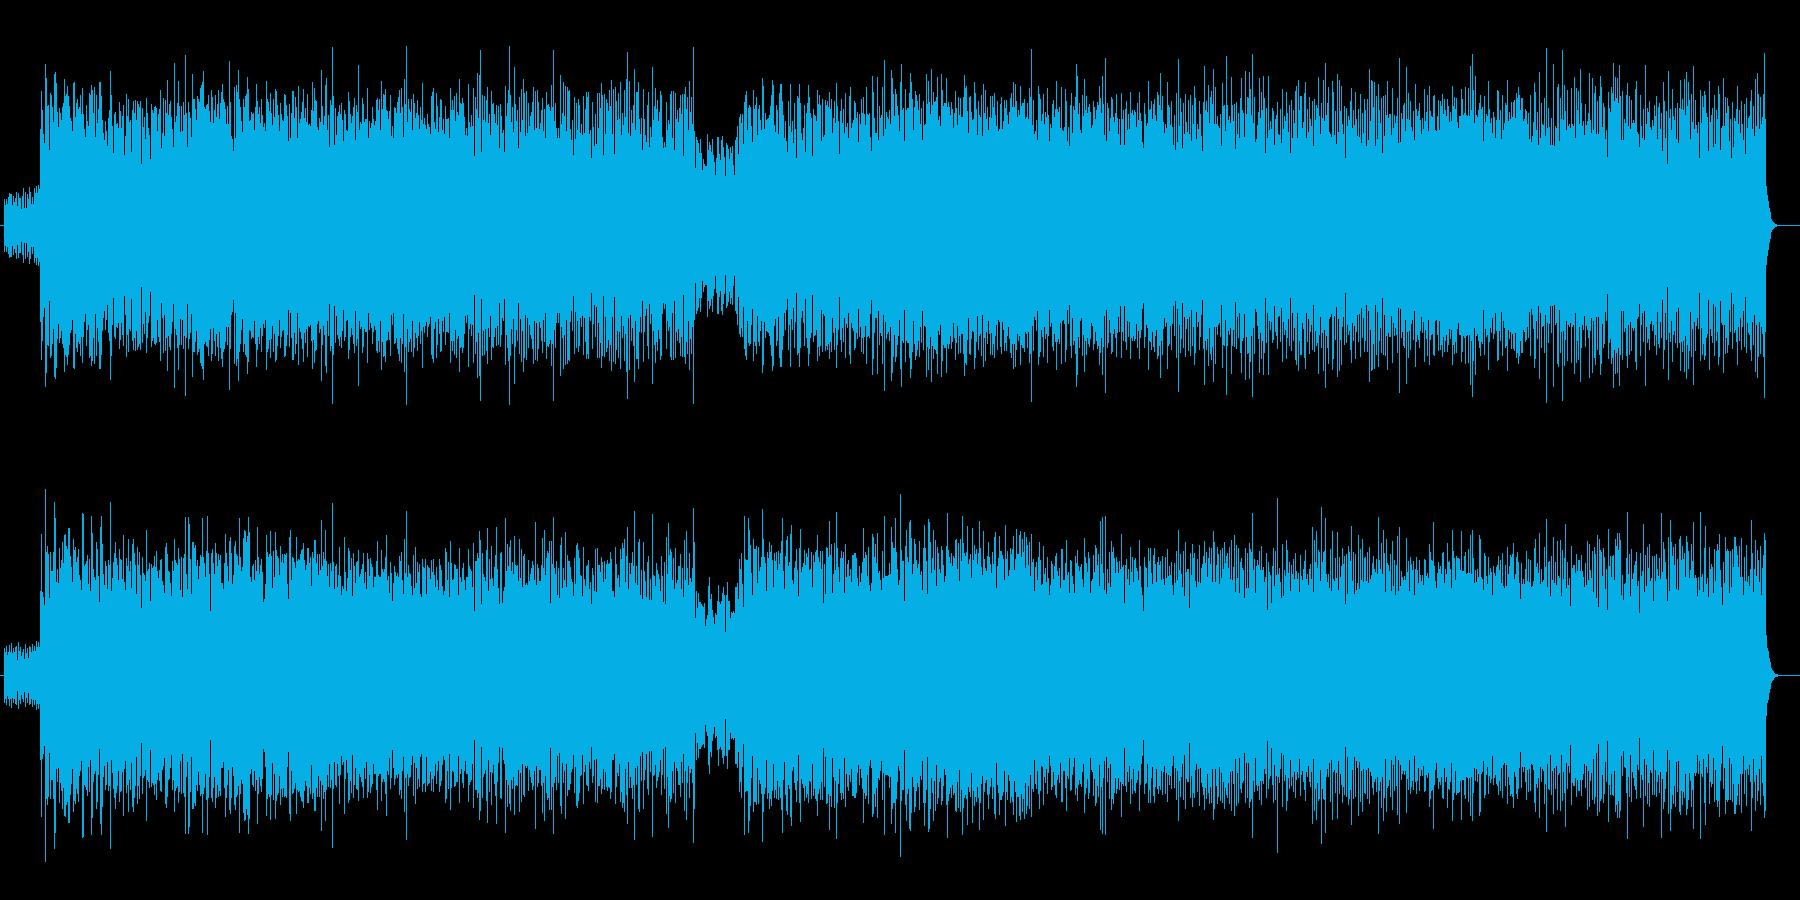 明るく愉快なシンセサイザーサウンドの再生済みの波形